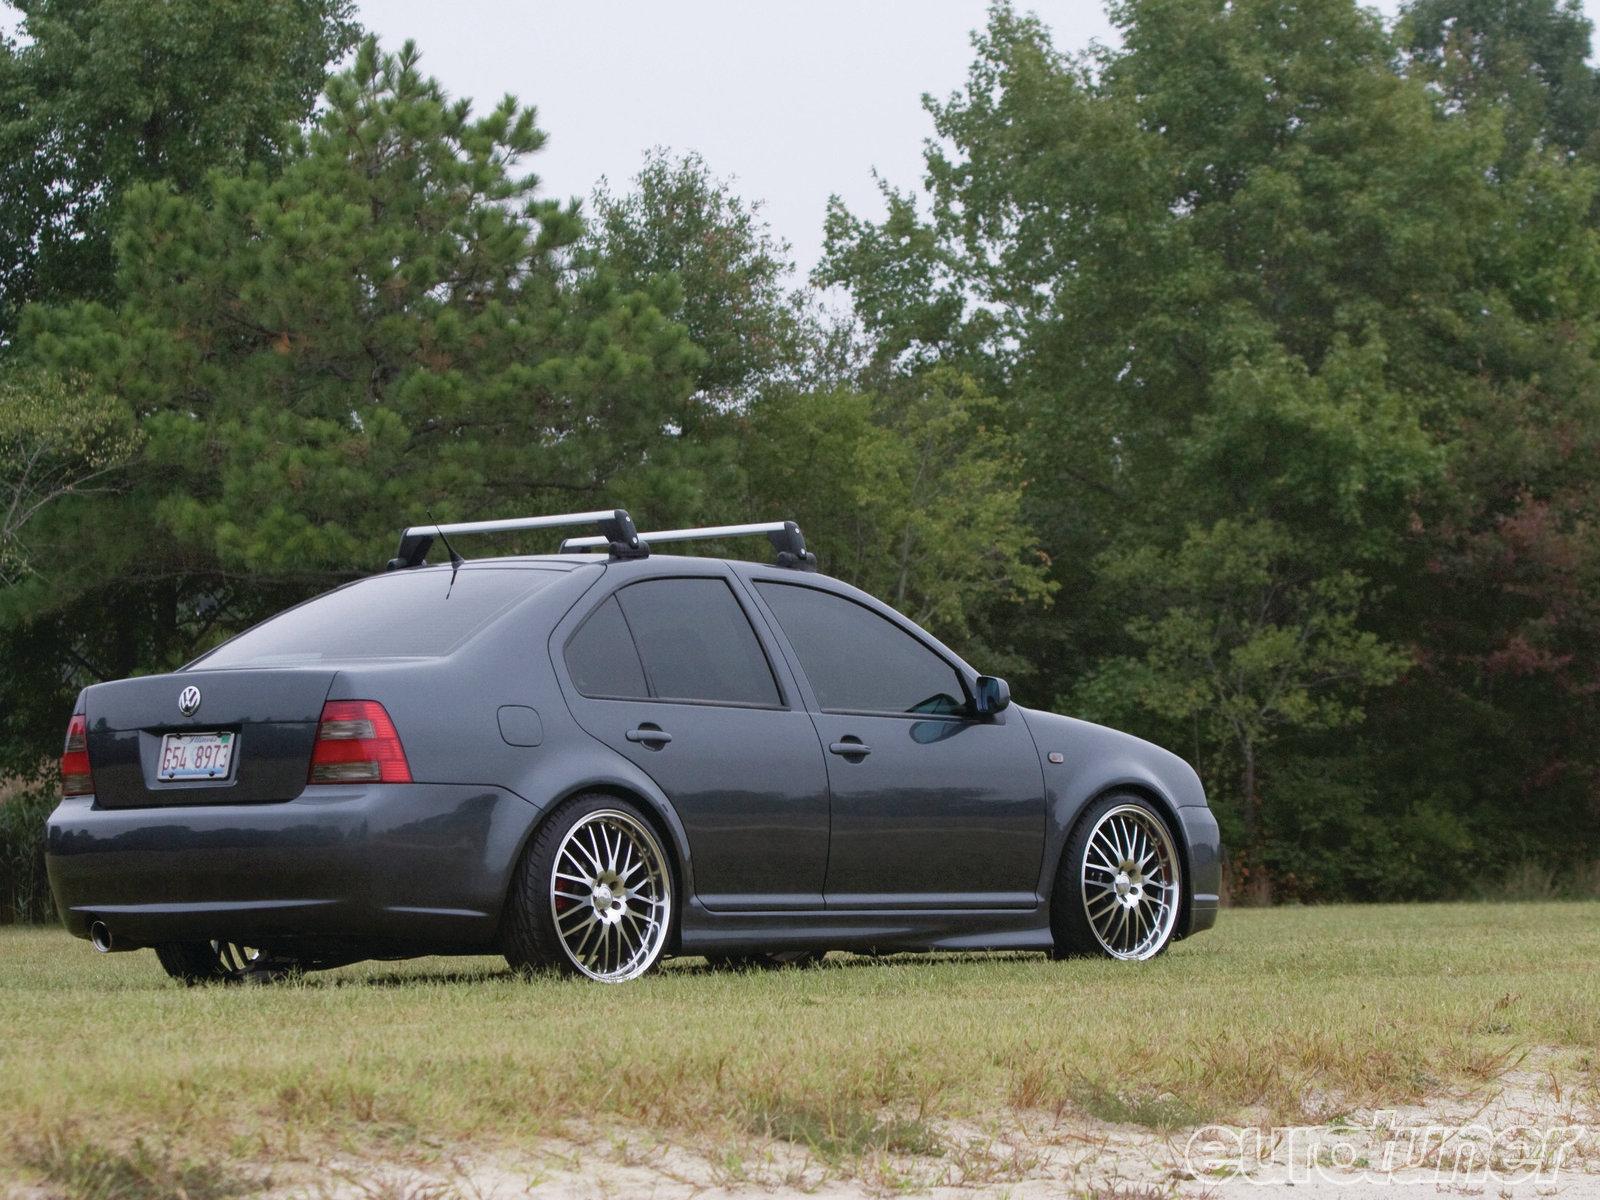 Jetta Volkswagen Used 2002 Volkswagen Jetta Image 5